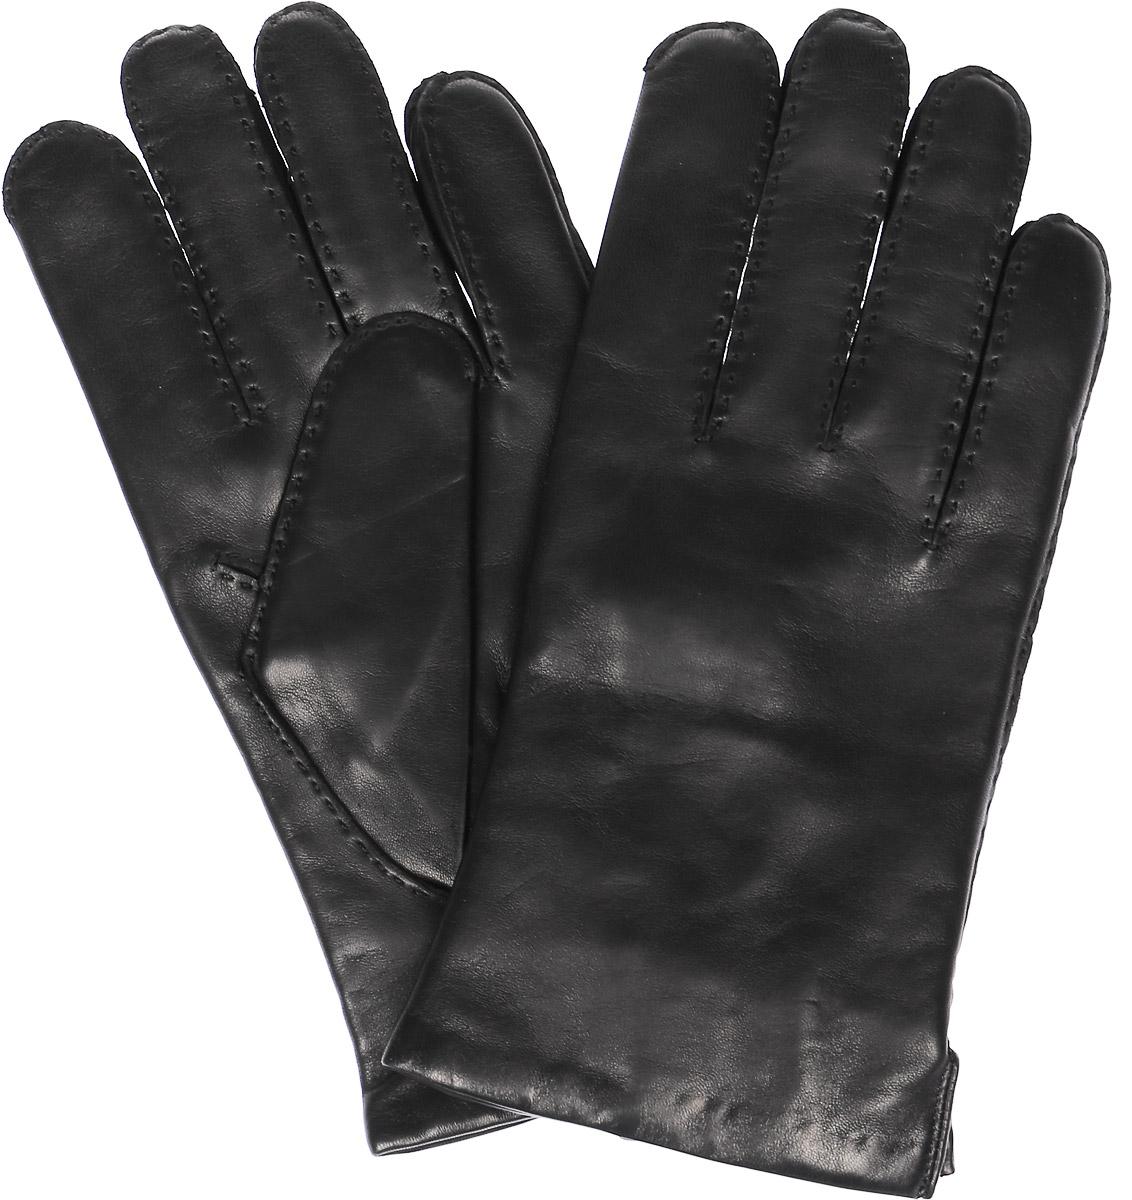 Перчатки мужские Michel Katana, цвет: черный. K11-PORINGE. Размер 9,5K11-PORINGE/BLМужские перчатки Michel Katana не только защитят ваши руки, но и станут великолепным украшением. Перчатки выполнены из натуральной кожи, а подкладка - из высококачественной шерсти.